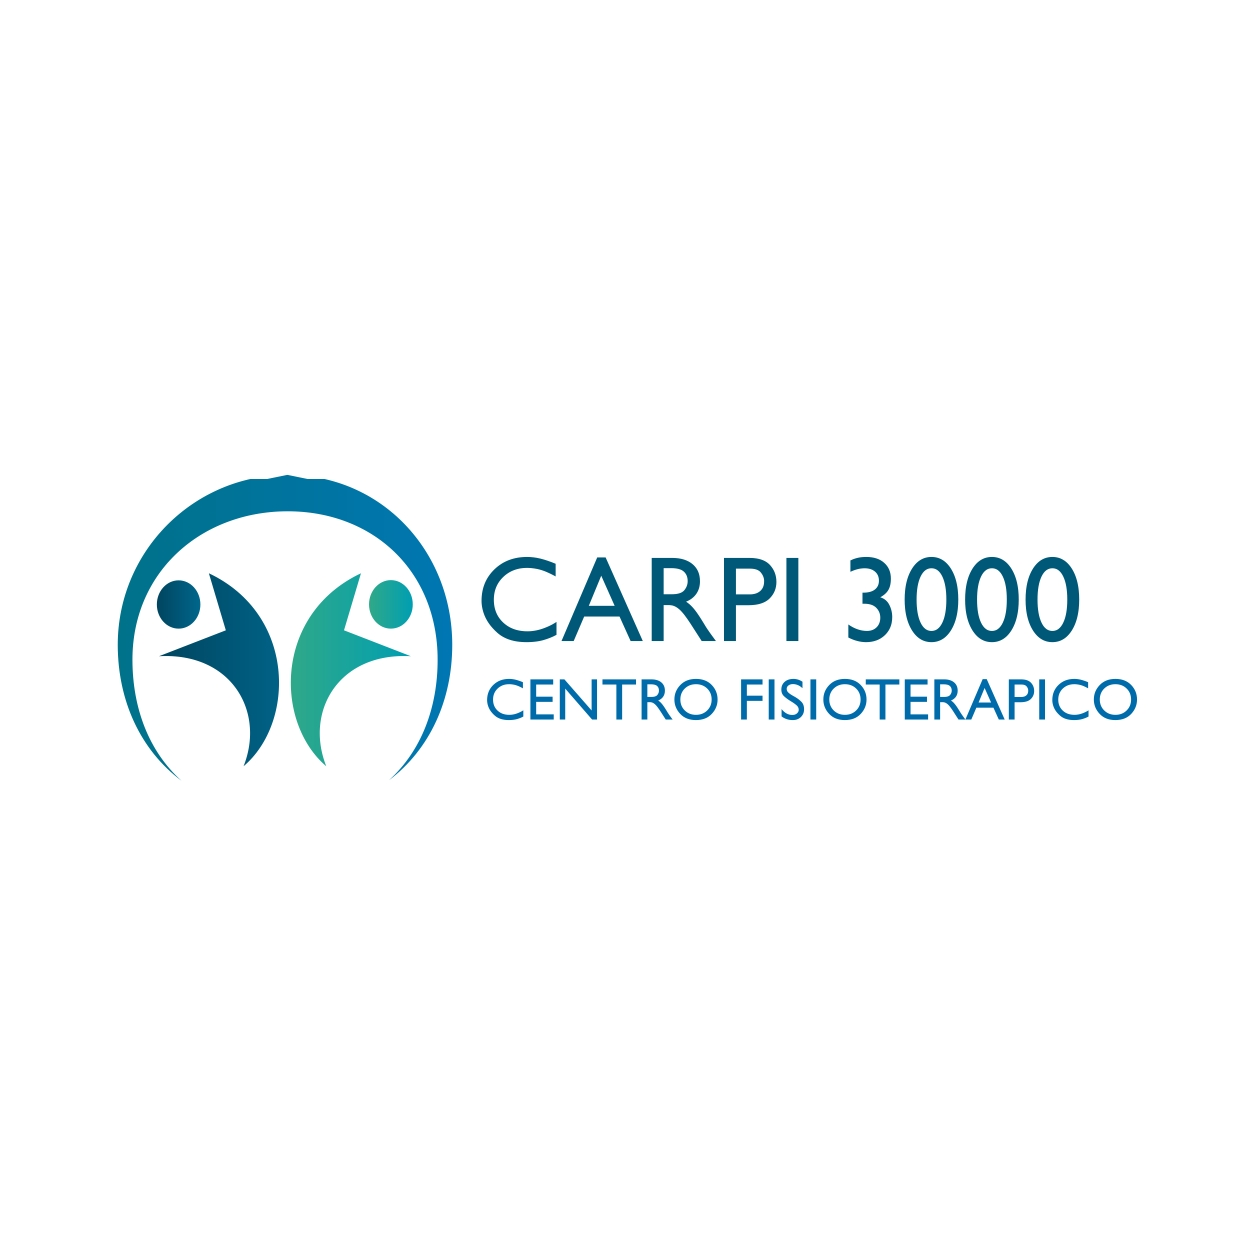 carpi_3000_big